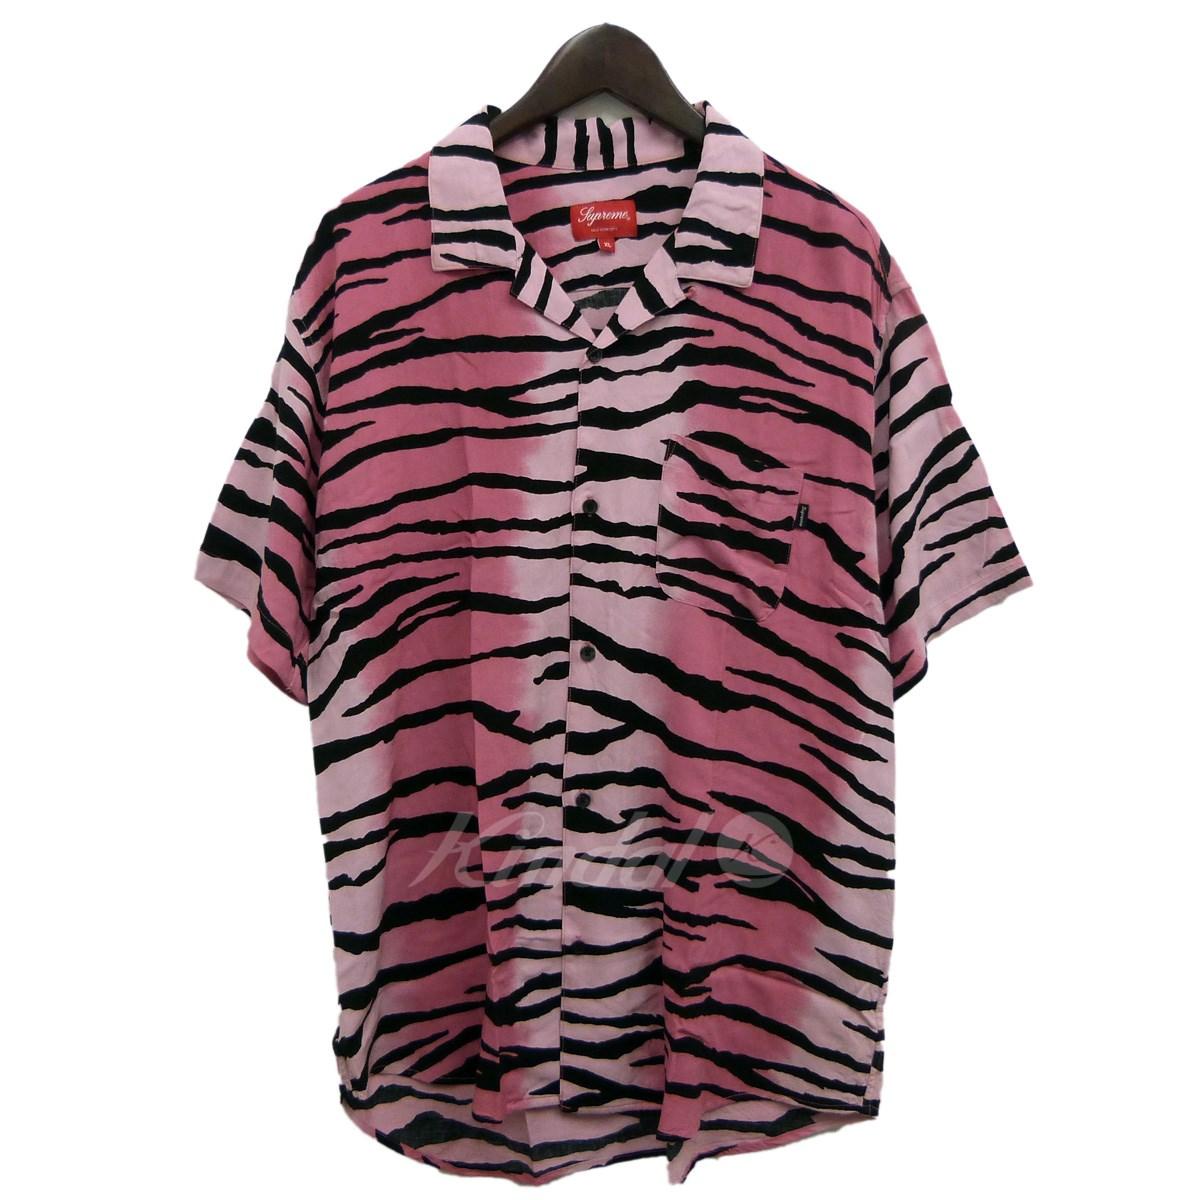 【中古】SUPREME 18SS「Tiger Stripe Rayon Shirt」タイガーストライプオープンカラーシャツ ピンク サイズ:XL 【送料無料】 【041118】(シュプリーム)